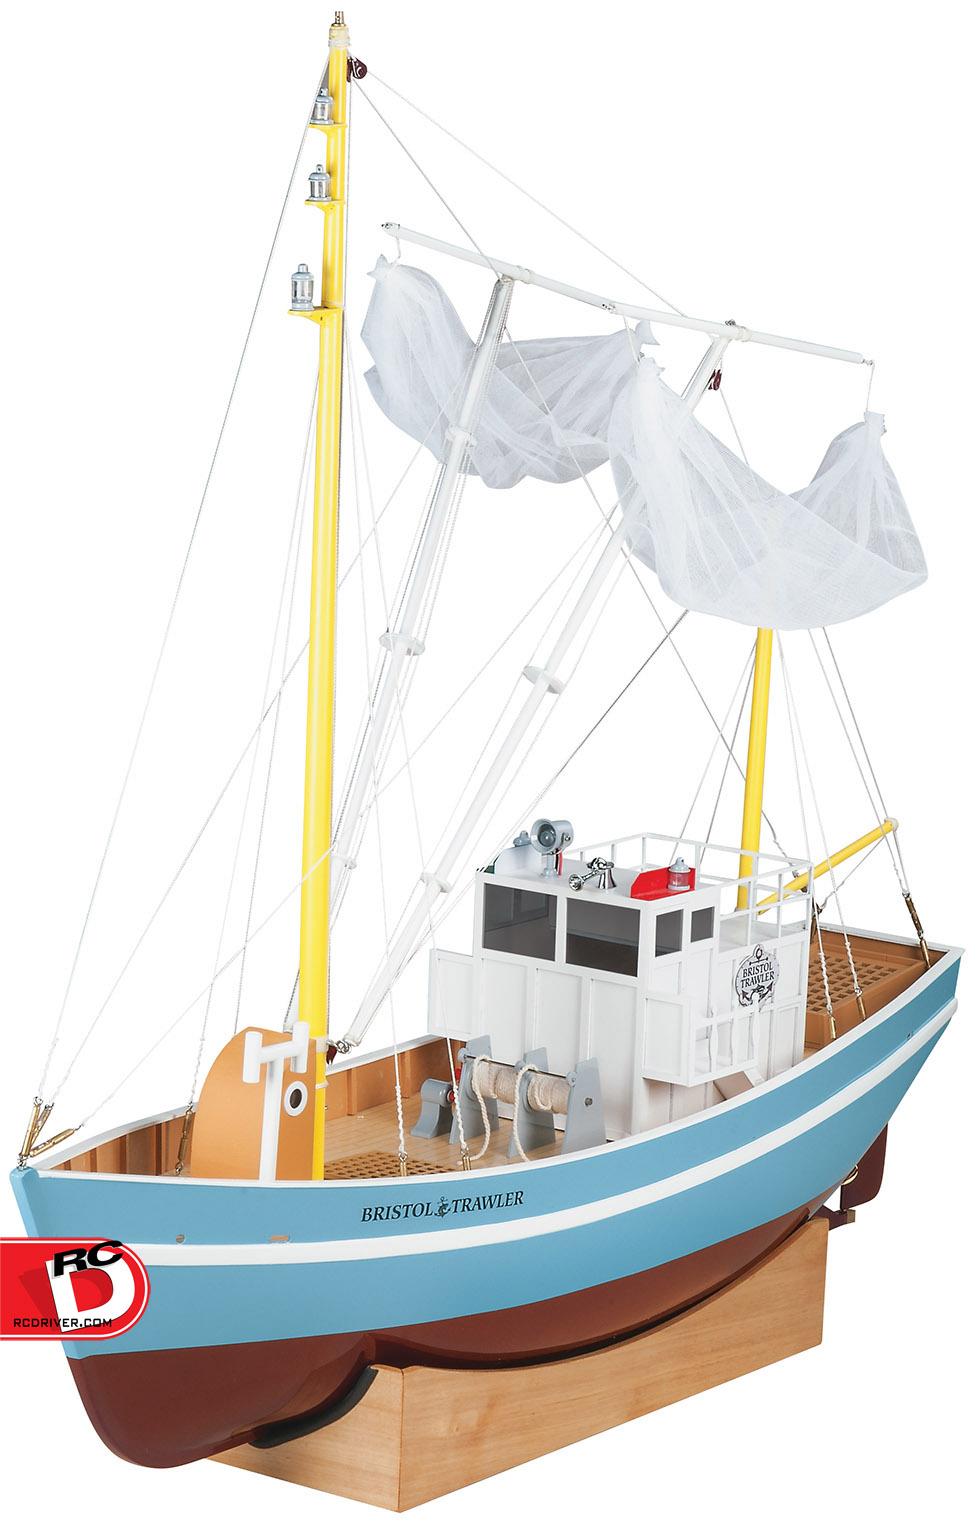 Aquacraft Bristol Trawler